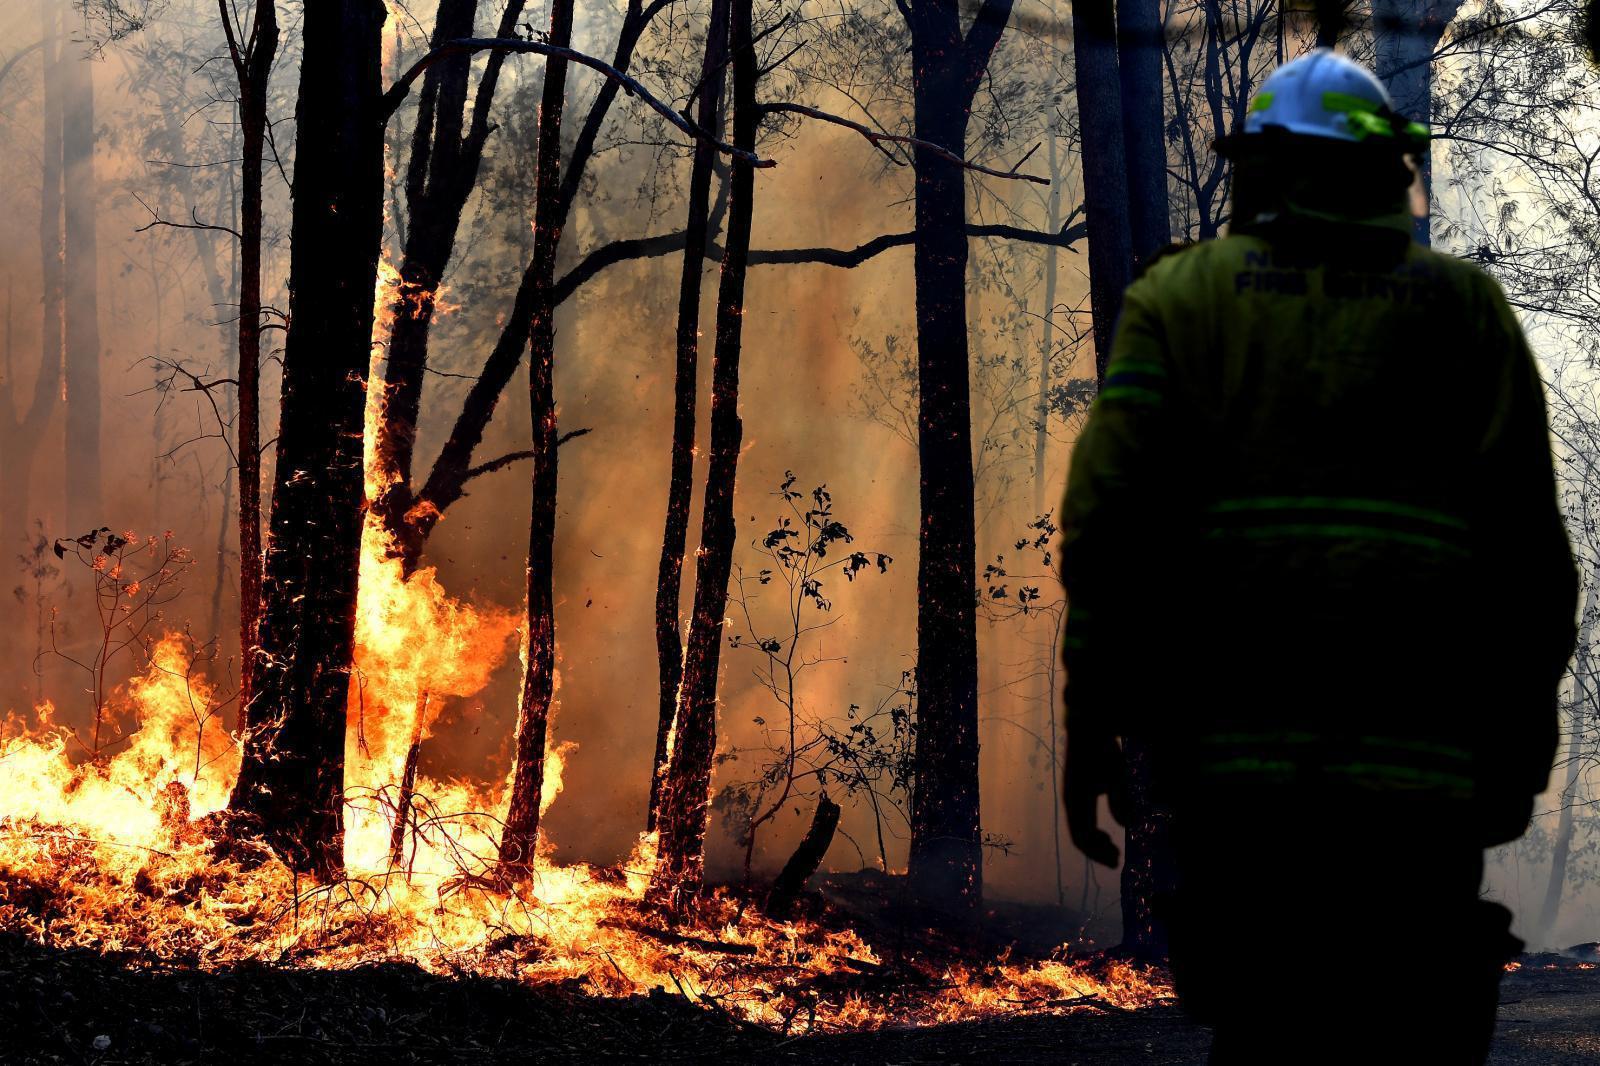 รัฐบาลออสเตรเลียจ่ายค่าตอบแทนอาสาสมัครดับไฟป่า  1.2 แสนบาท